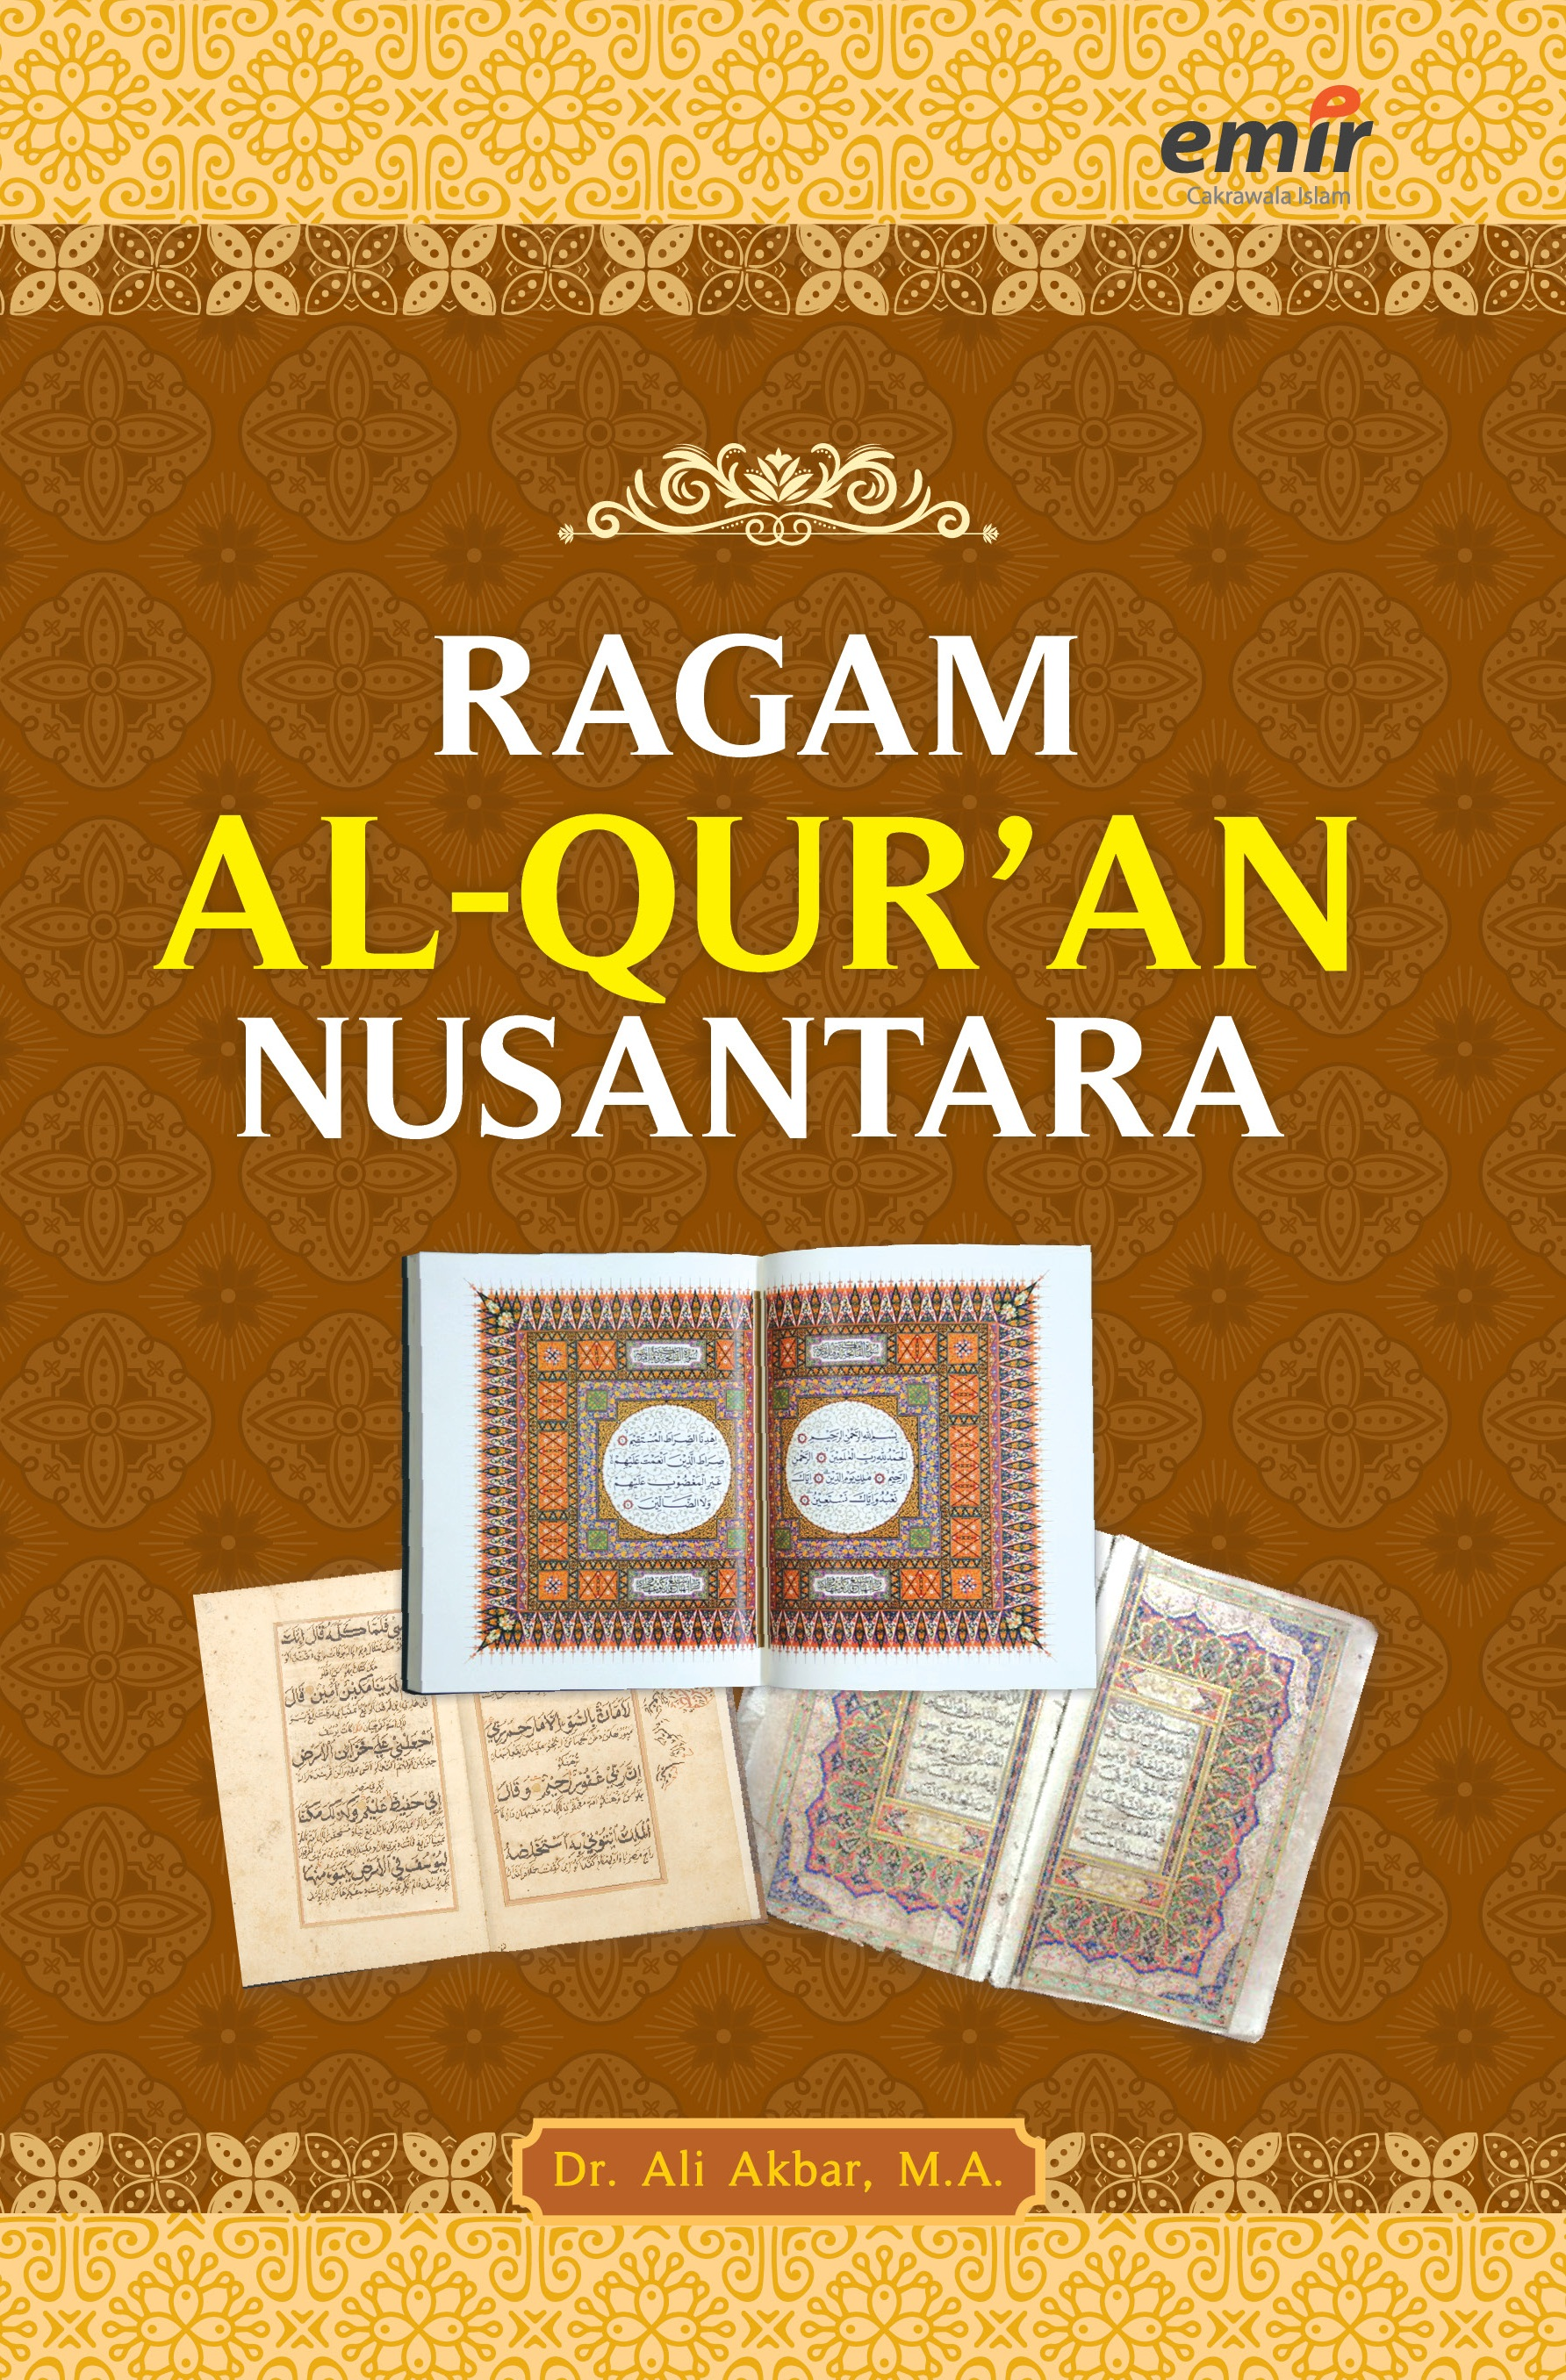 Ragam Al-Qur'an Nusantara